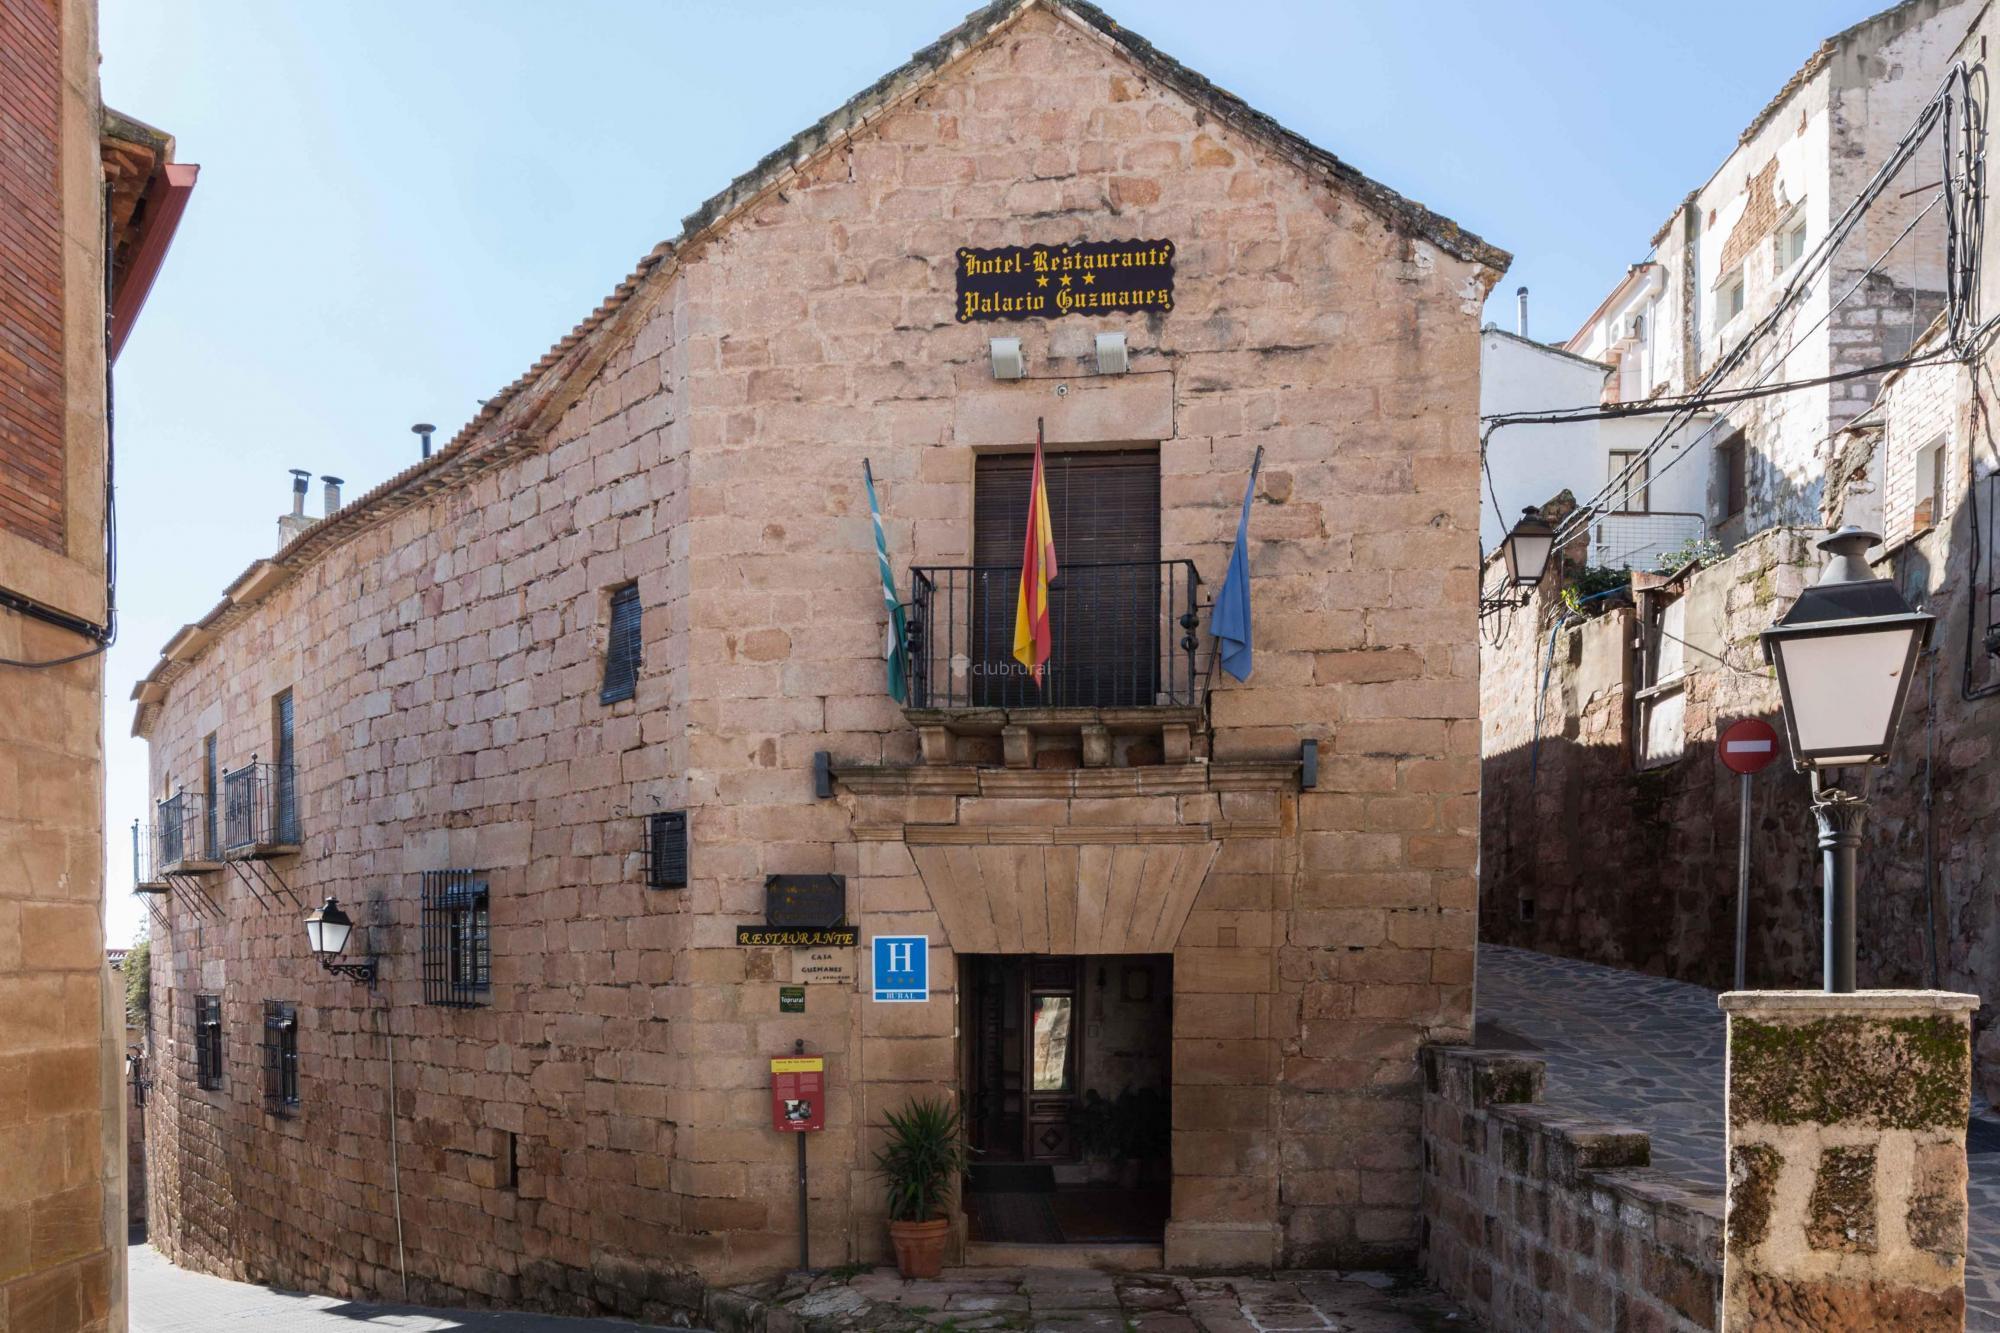 Fotos de hotel rural palacio guzmanes ja n ba os de la - Casa rural banos de la encina ...